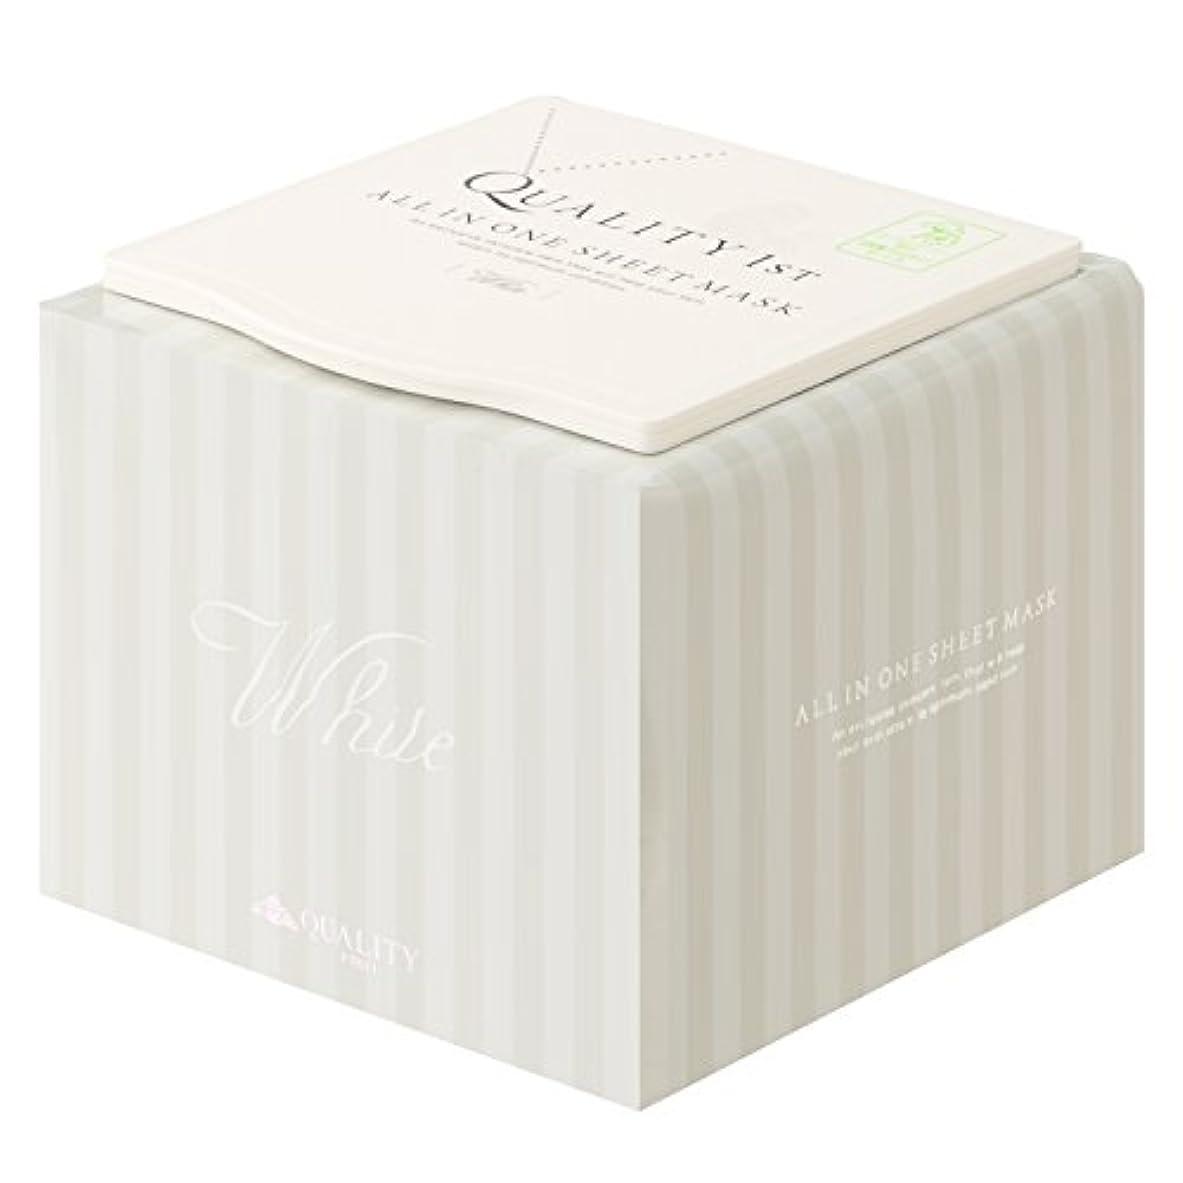 シード通信網のどオールインワンシートマスク ホワイトEX (30枚) BOX